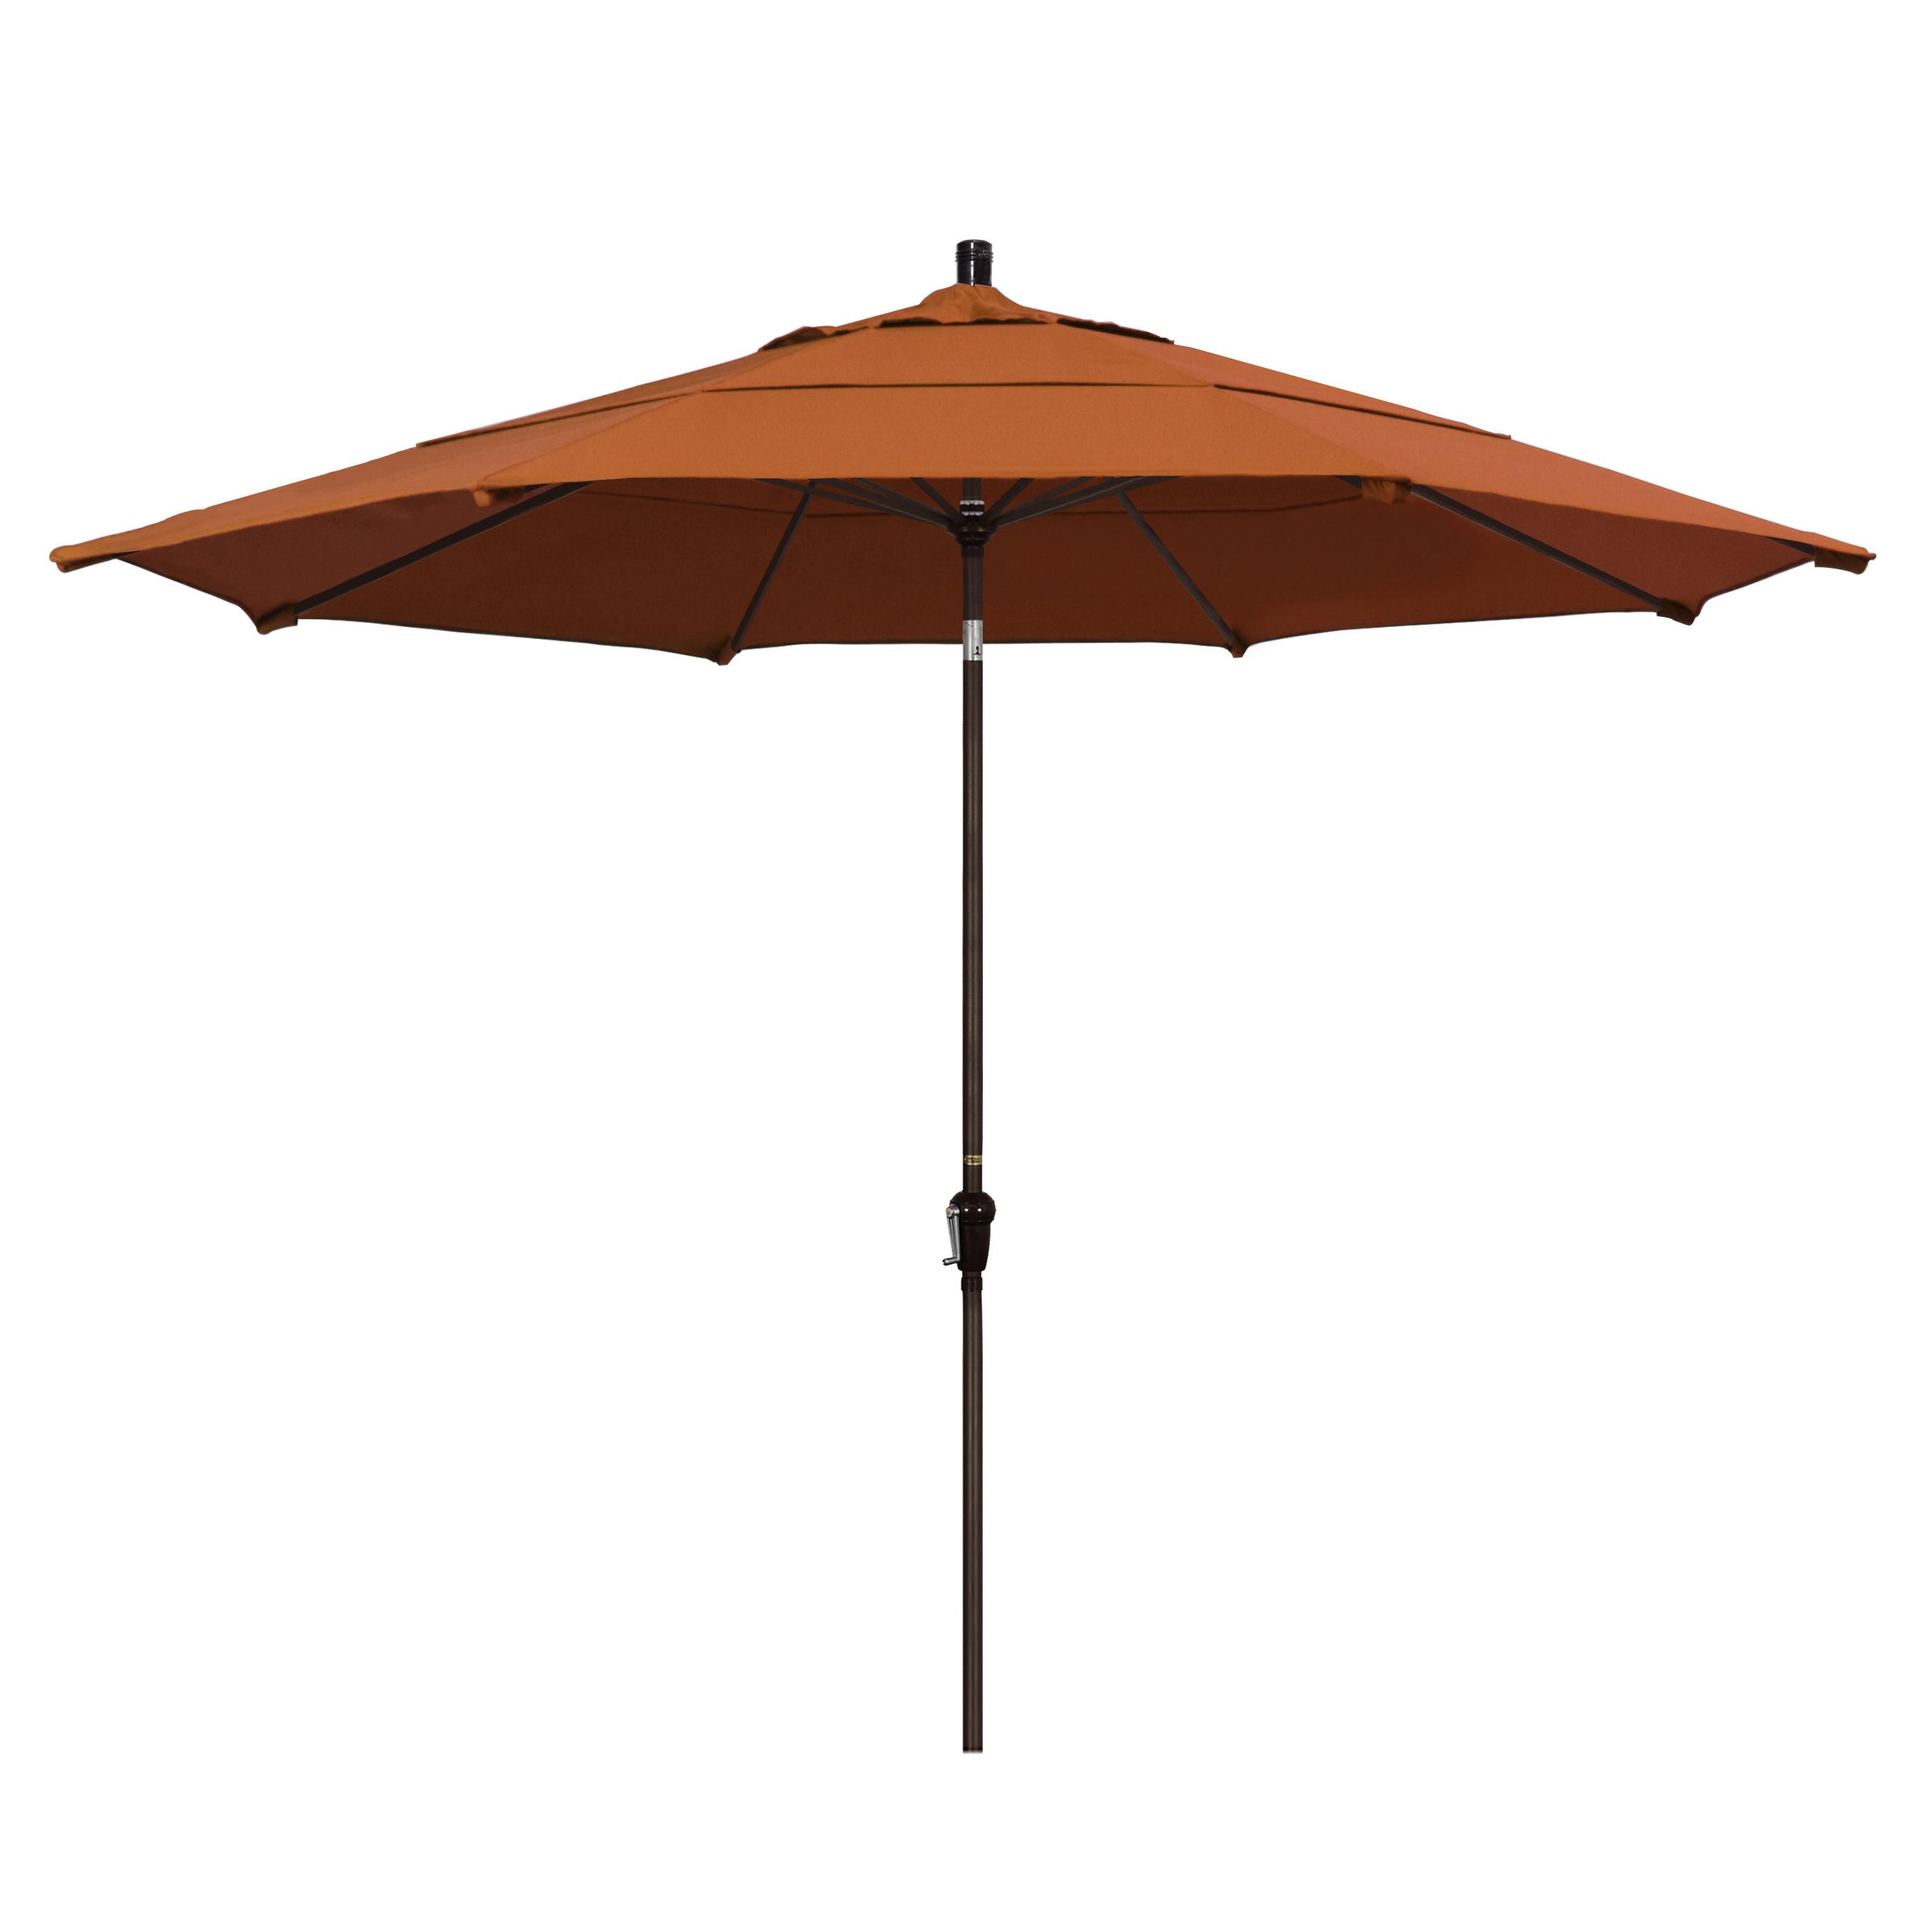 Popular Isom Market Umbrellas Regarding Mullaney 11' Market Sunbrella Umbrella (View 6 of 20)